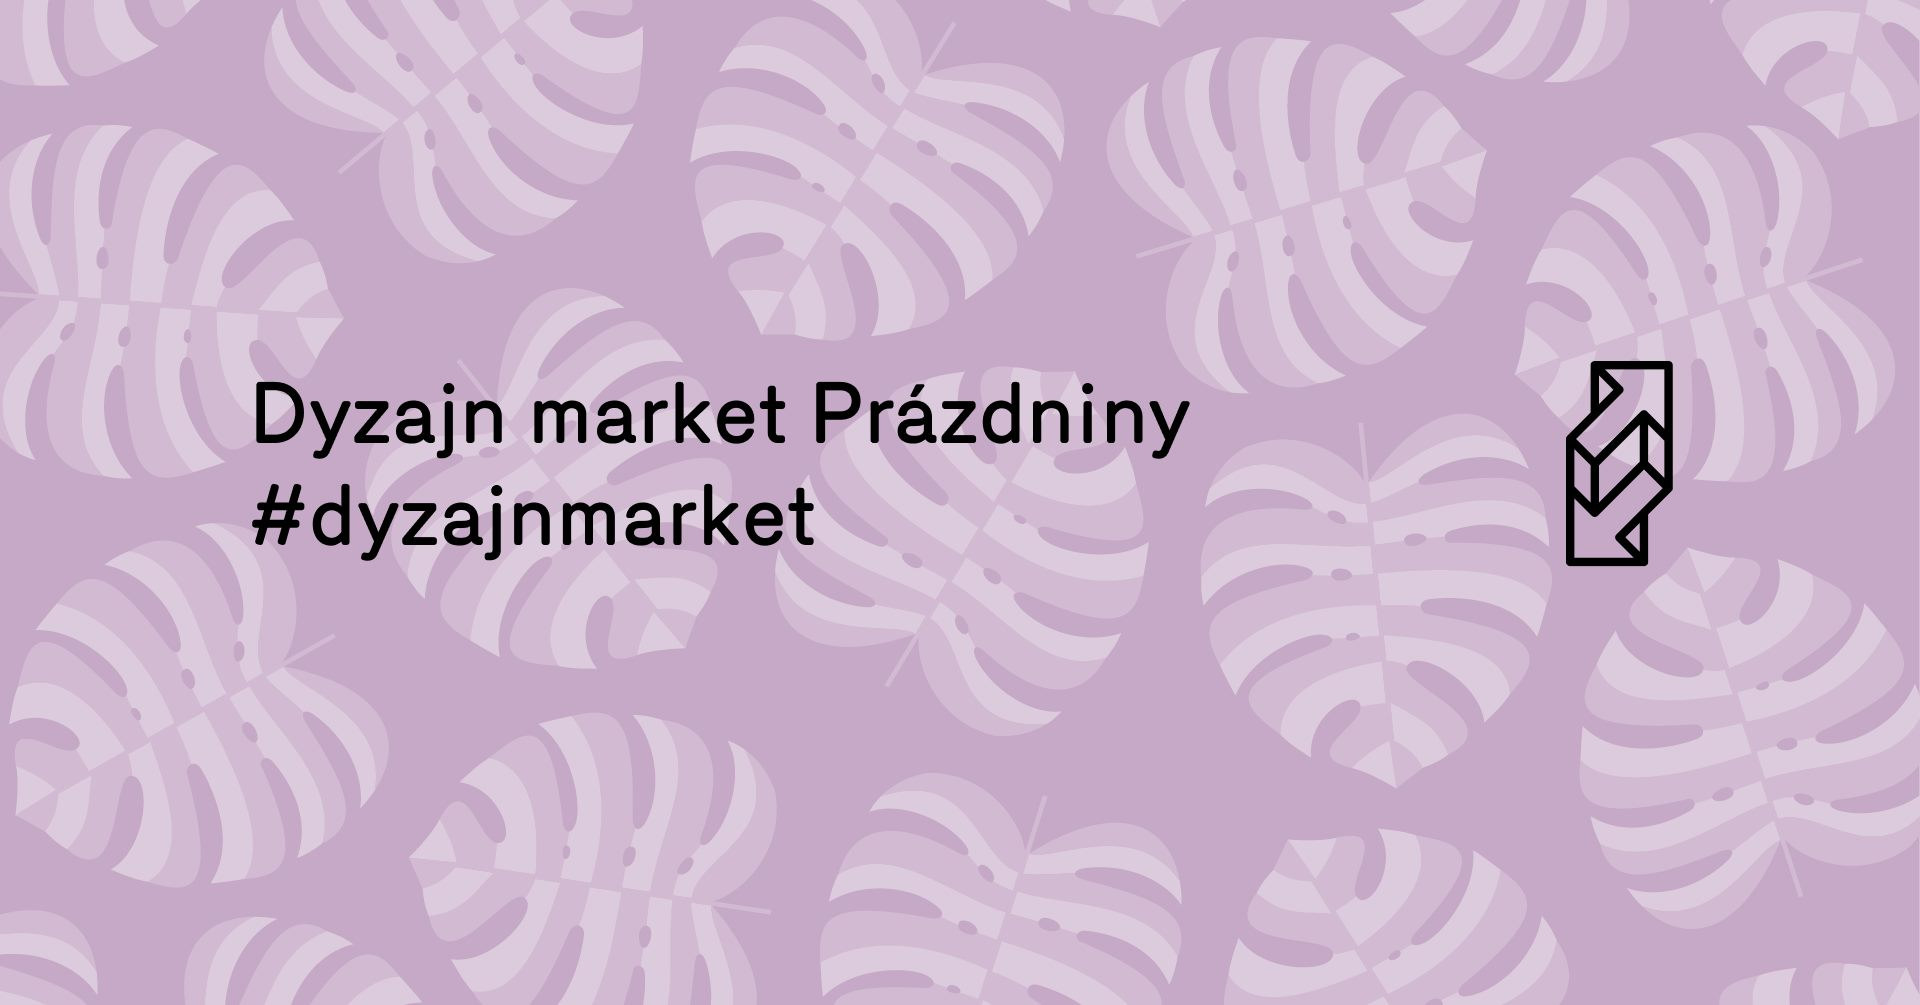 Čas zahájit přípravy na Dyzajn market Prázdniny!